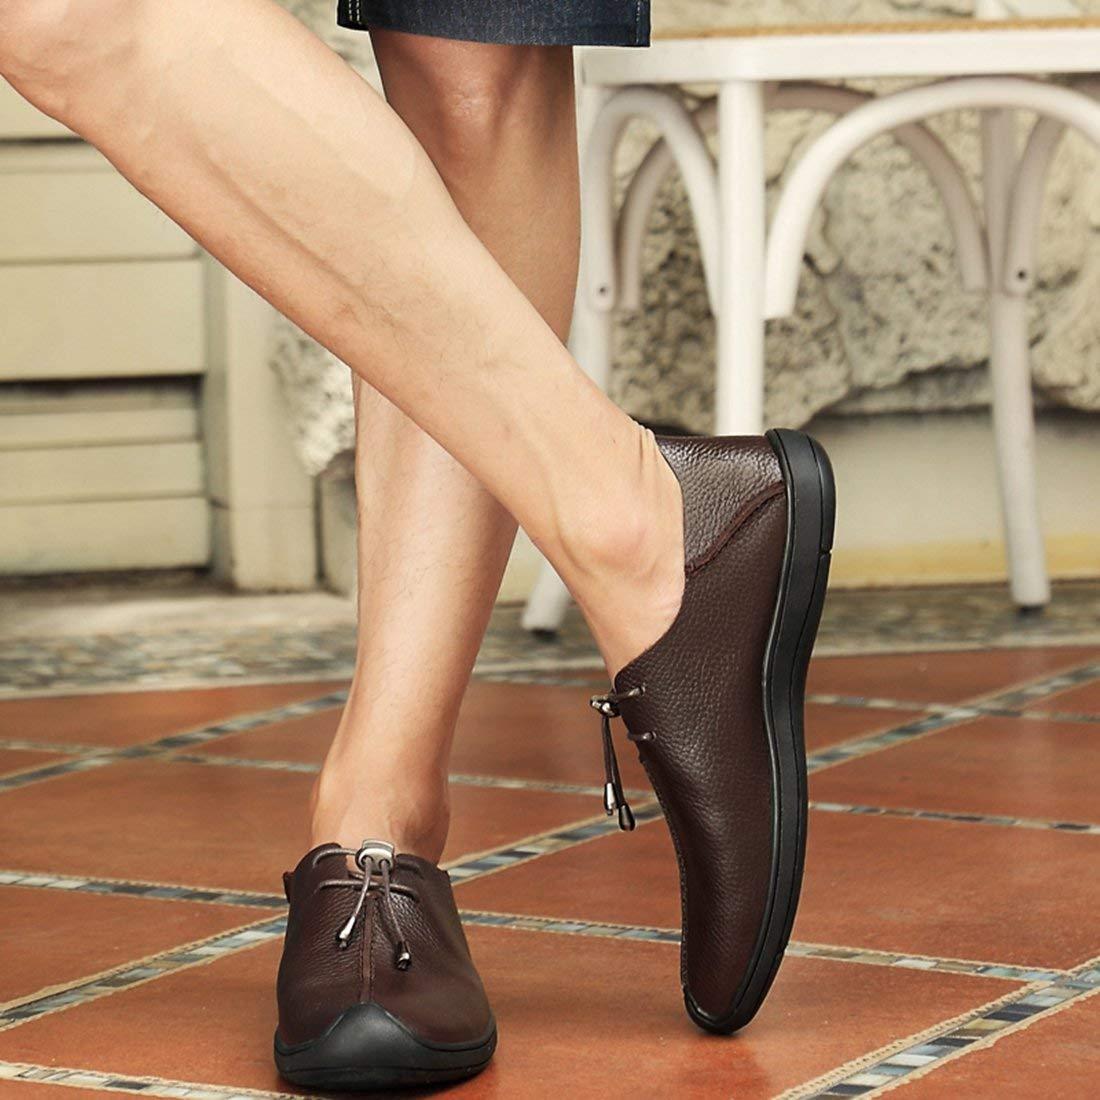 ZHRUI Chaussures de Marche UK légères à la Mode pour Femmes UK Marche 6.5 (coloré : -, Taille : -)B07JYXQN6MParent 3bac6e